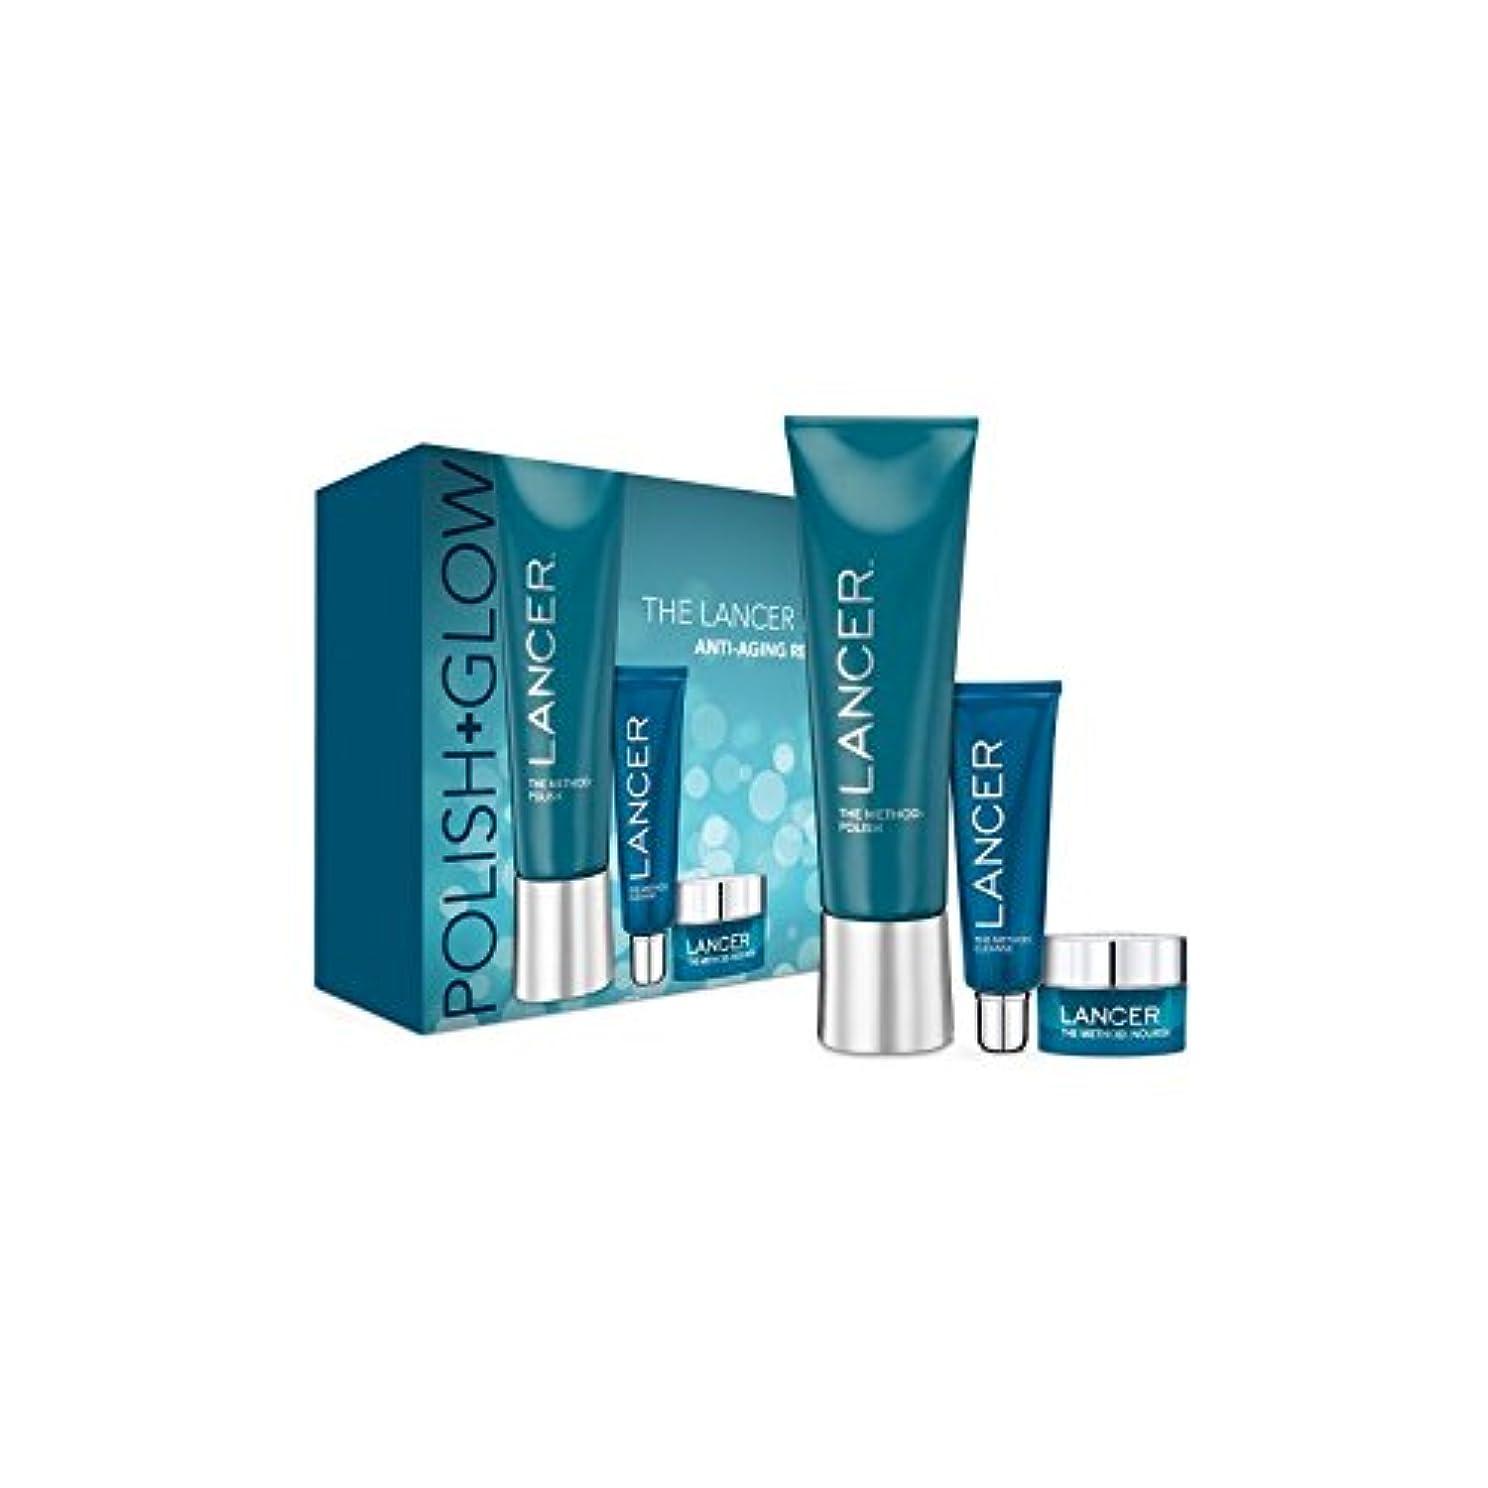 醜いフィードバック講堂ランサーは、この方法をスキンケア:ポリッシュ&グロー x4 - Lancer Skincare The Method: Polish & Glow (Pack of 4) [並行輸入品]